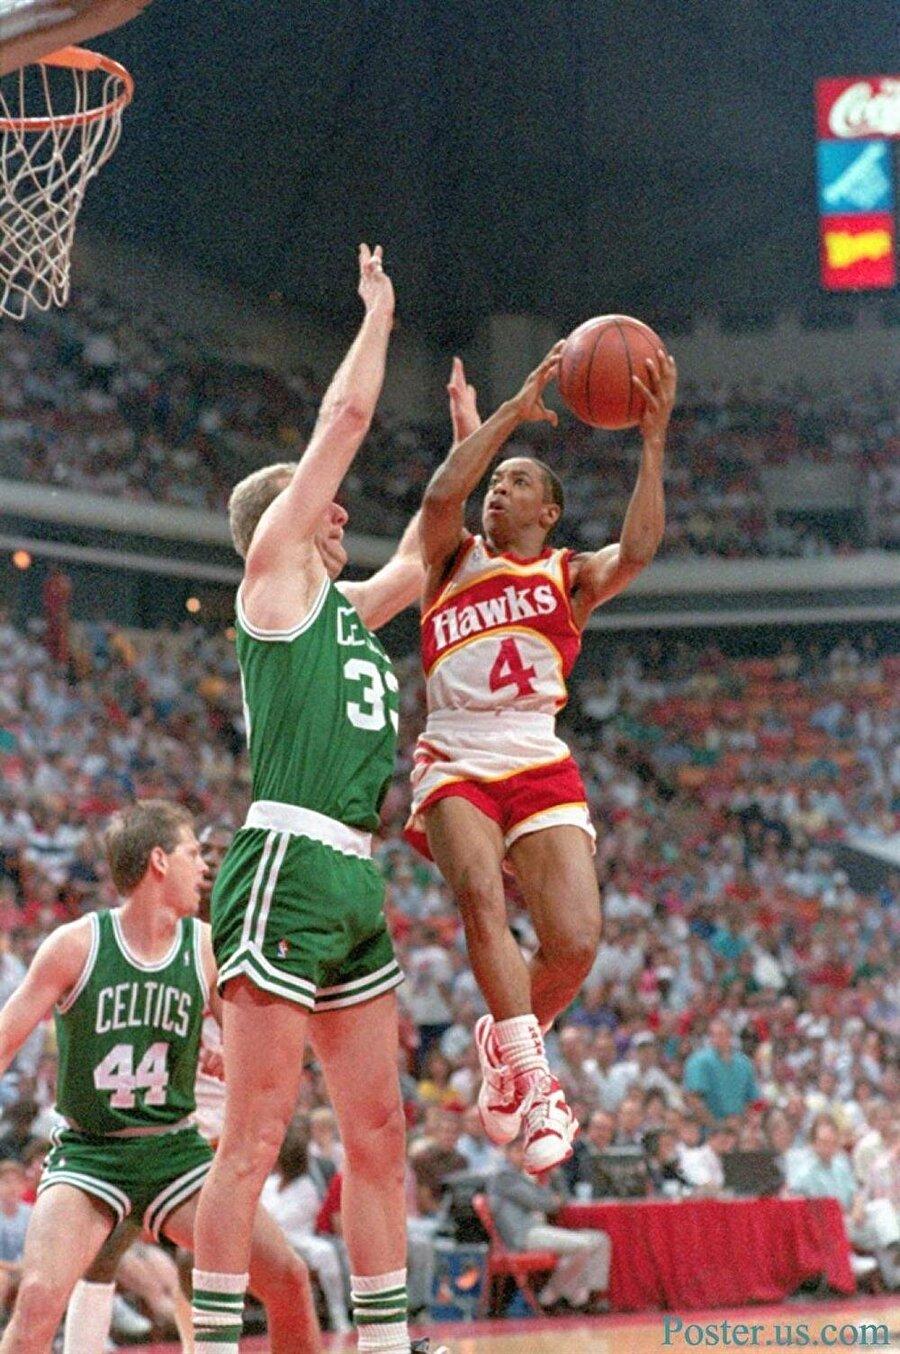 Spud Webb                                      Spud Webb olarak tanınan Anthony Jerome Webb 13 Temmuz 1963 yılında gözlerini dünyaya açtı. 1,70 boyunda olmasına rağmen kariyeri boyunca sıçrama yeteneği ile dikkat çekmiştir. Oyun kurucu pozisyonunda oynayan Webb, NBA'de 12 yıl çeşitli takımlarda forma giydi. Webb 1986 yılında NBA All-Star etkinliklerinde yer alan smaç yarışmasını kazandı. 1,70'lik boyuyla bu yarışmayı kazanan en kısa oyuncu rekoru halen Webb'e aittir.